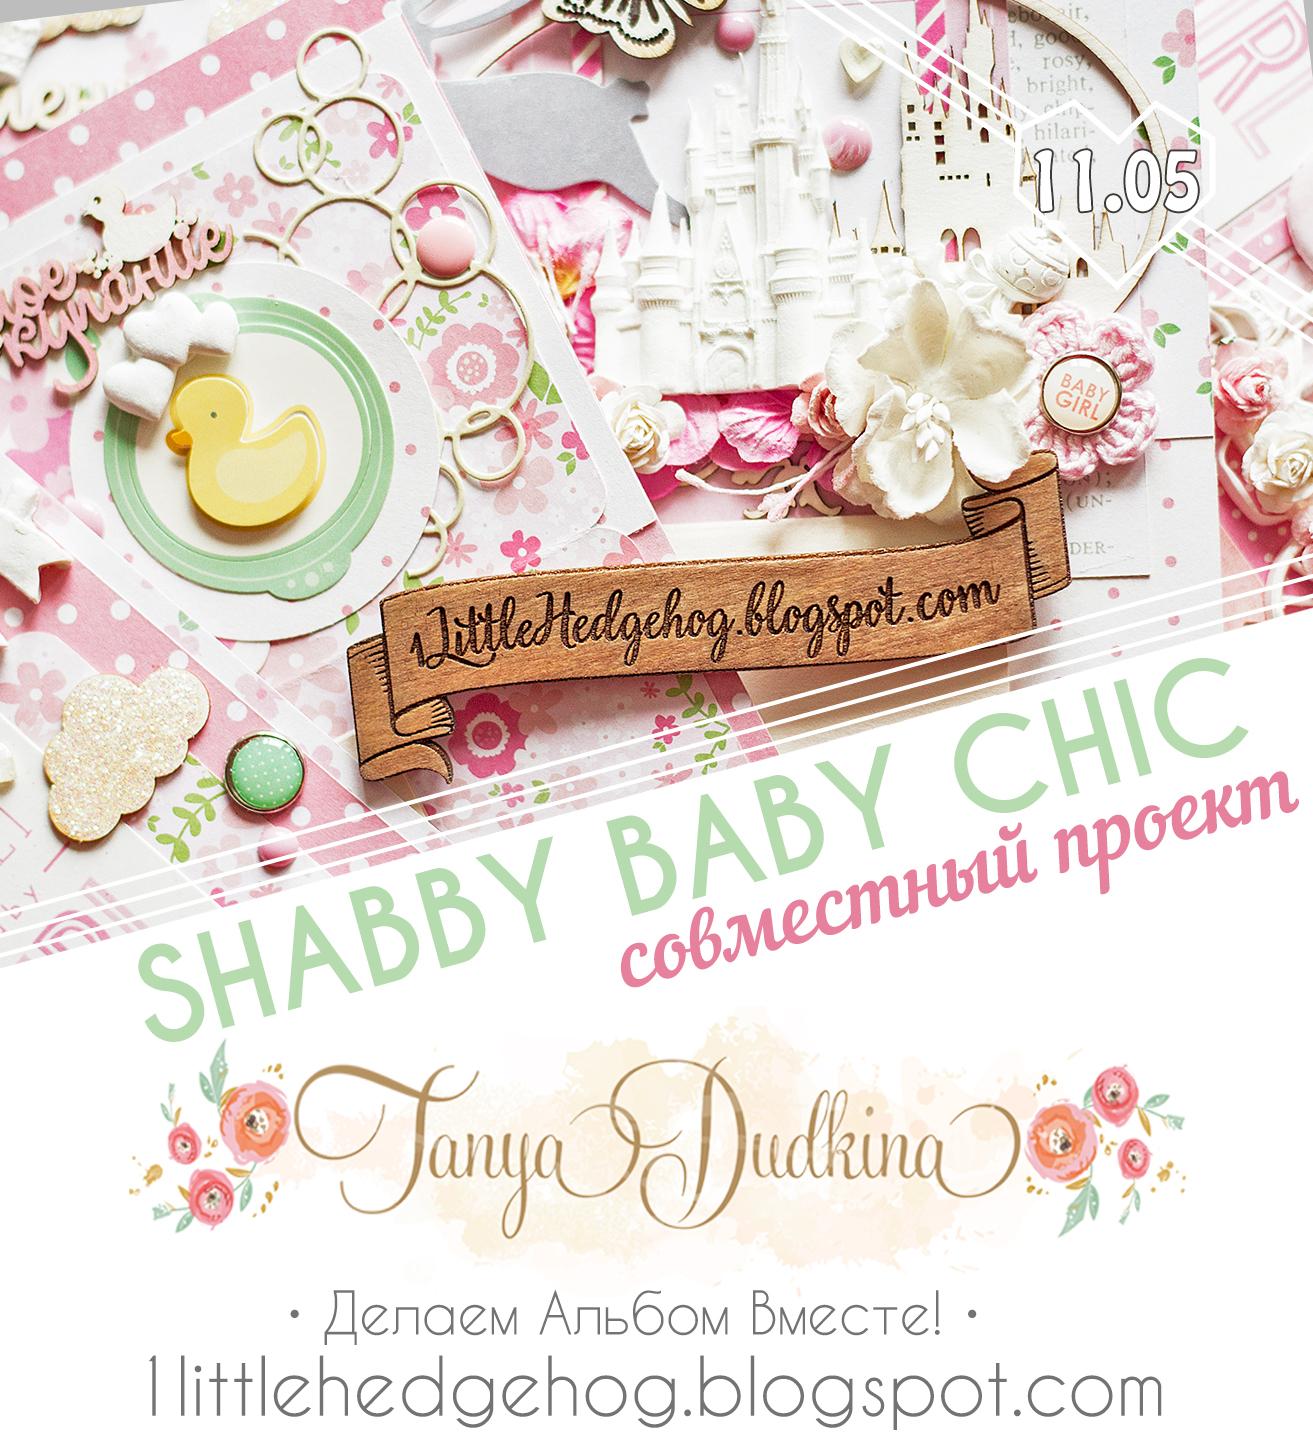 """Совместный проект """"Shabby Baby Chic"""""""